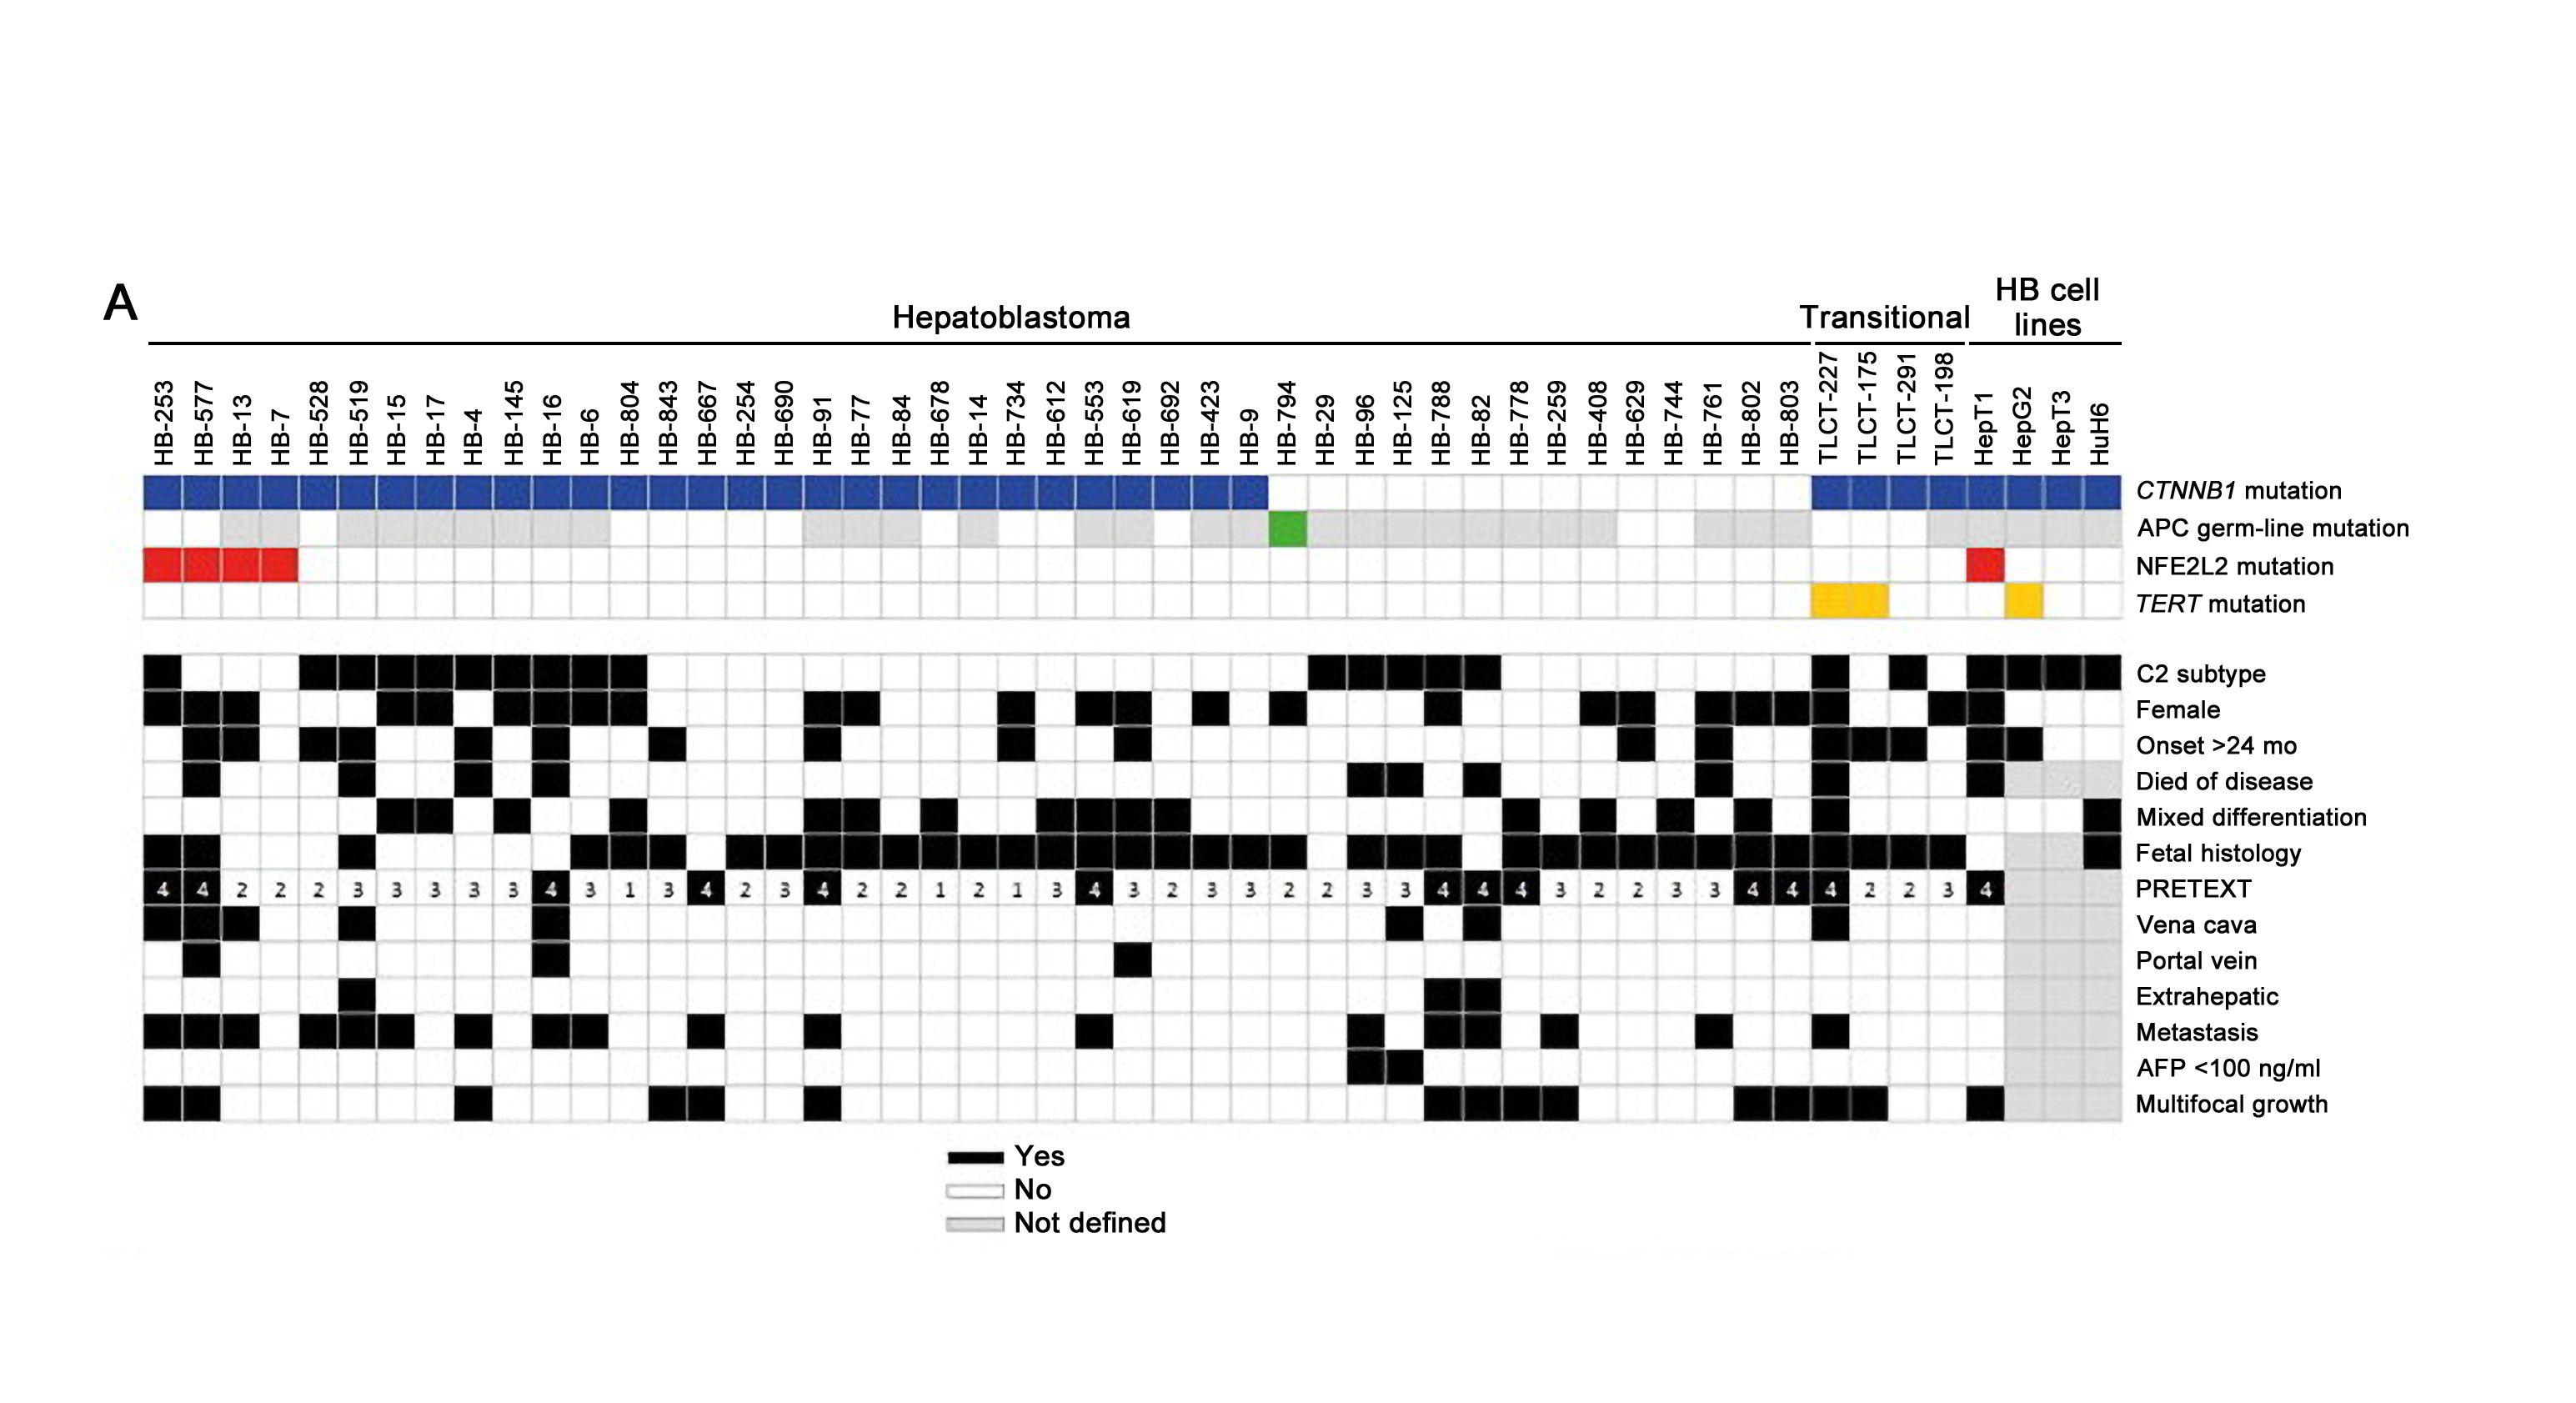 表は肝芽腫に対するCTNNB1、APC、NFE2L2、およびTERT変異の分布を示している。